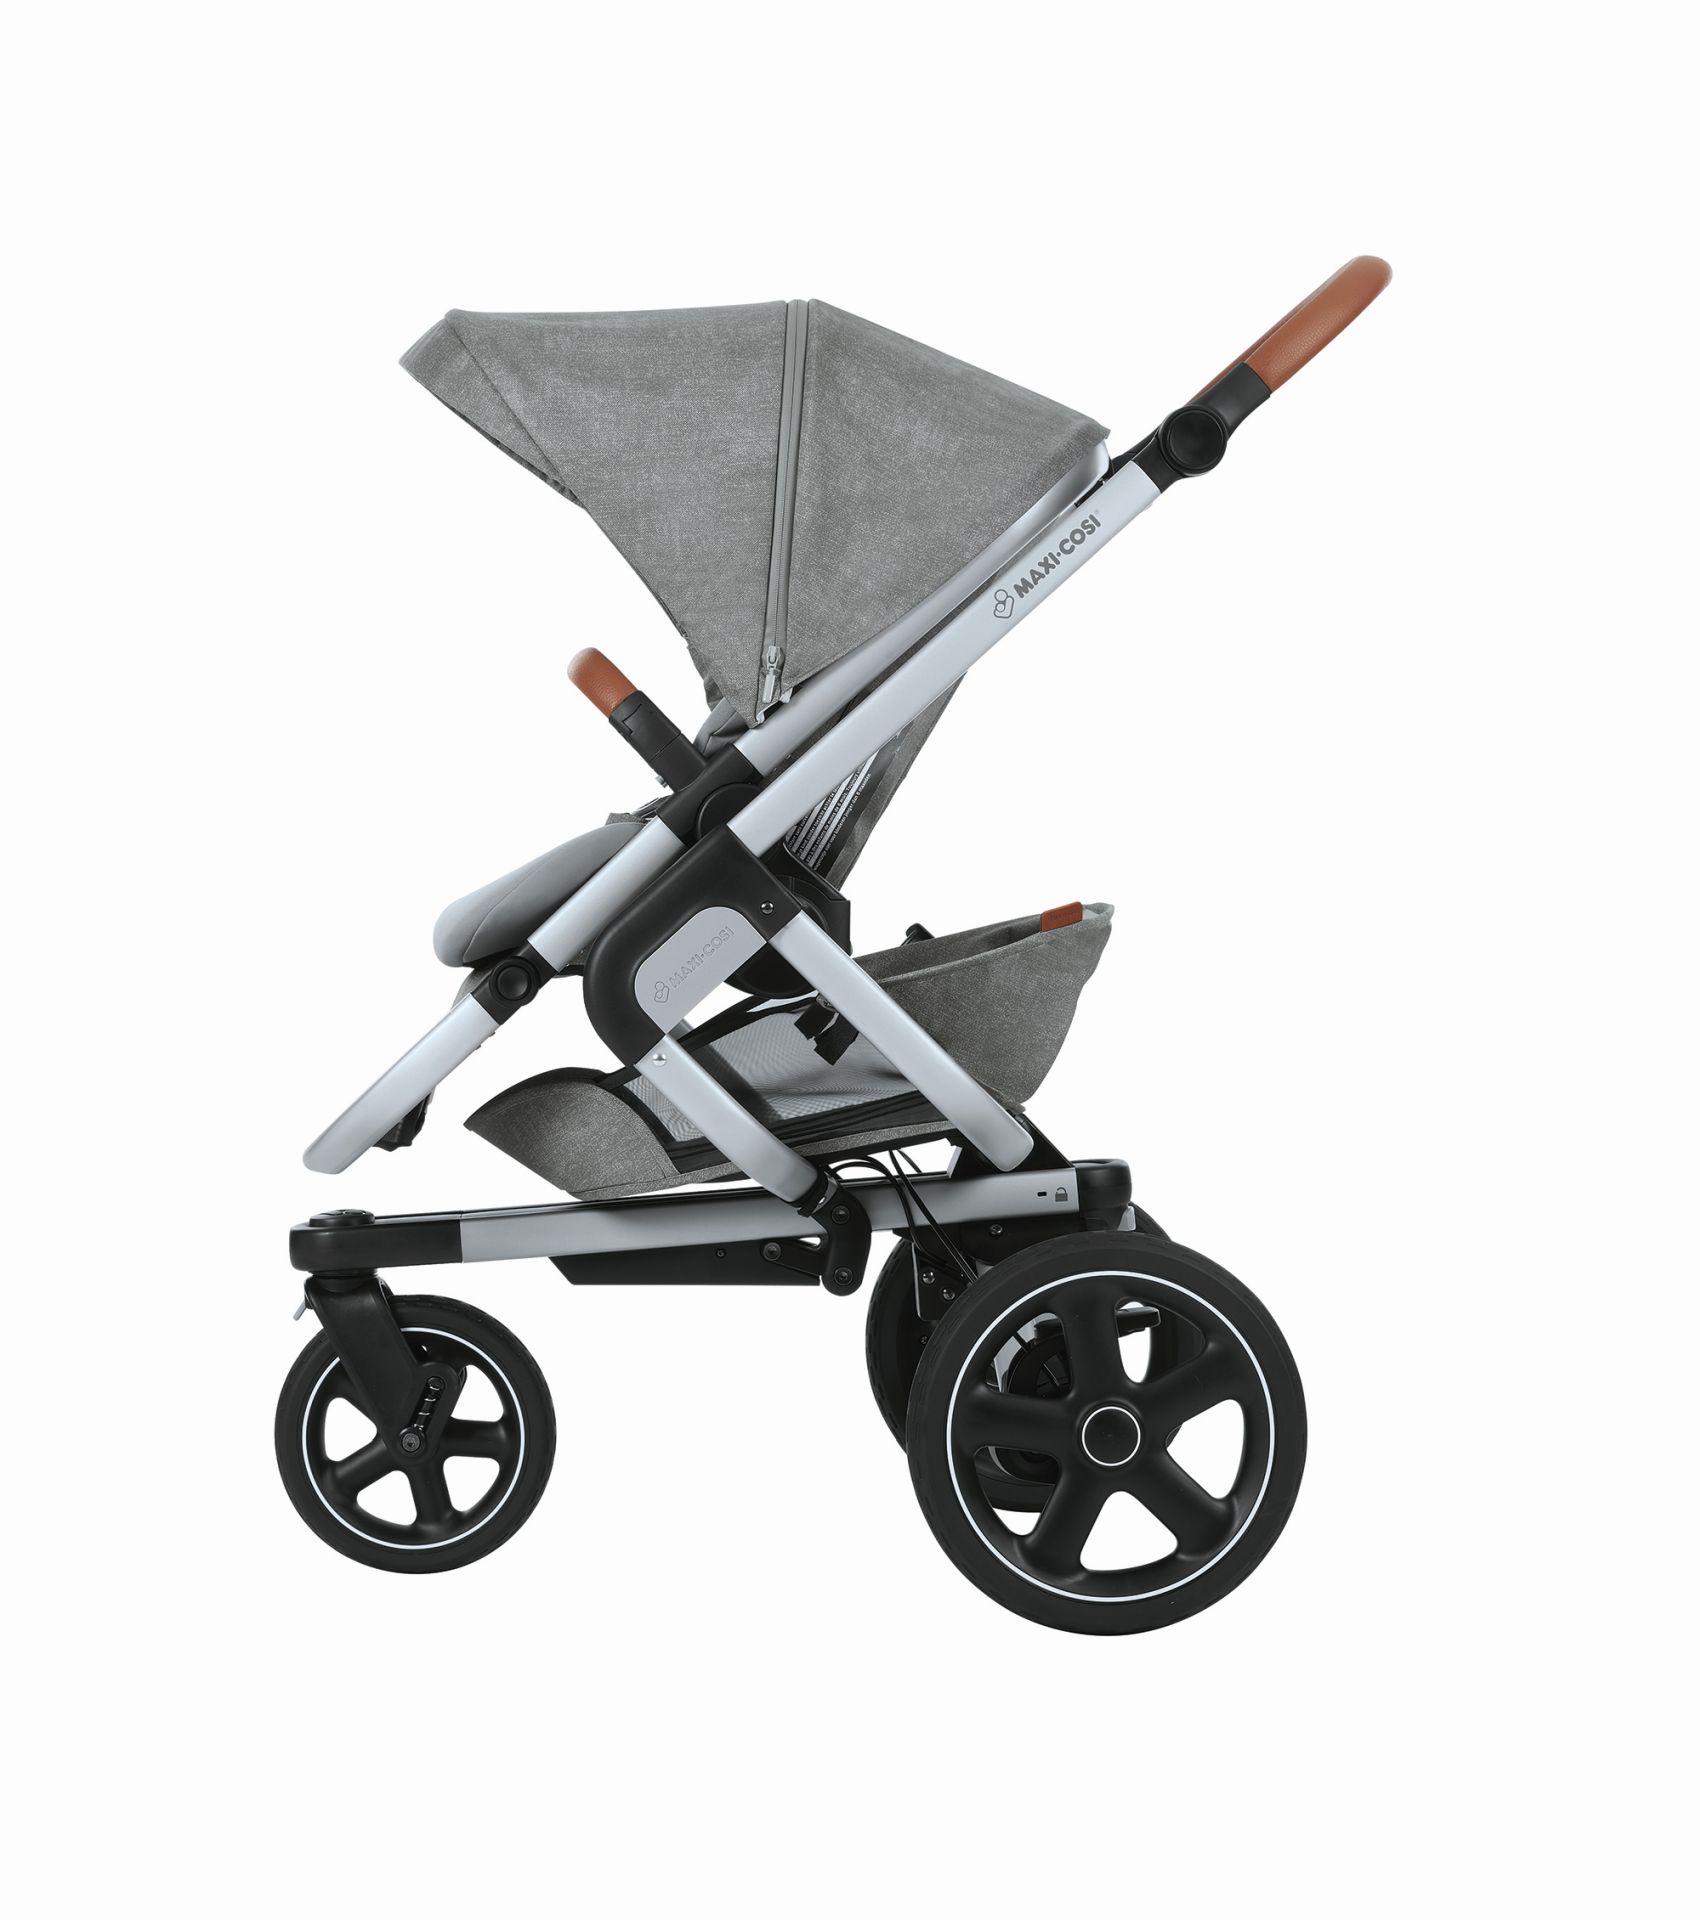 poussette maxi cosi nova 3 roues 2018 nomad grey acheter sur kidsroom poussettes. Black Bedroom Furniture Sets. Home Design Ideas